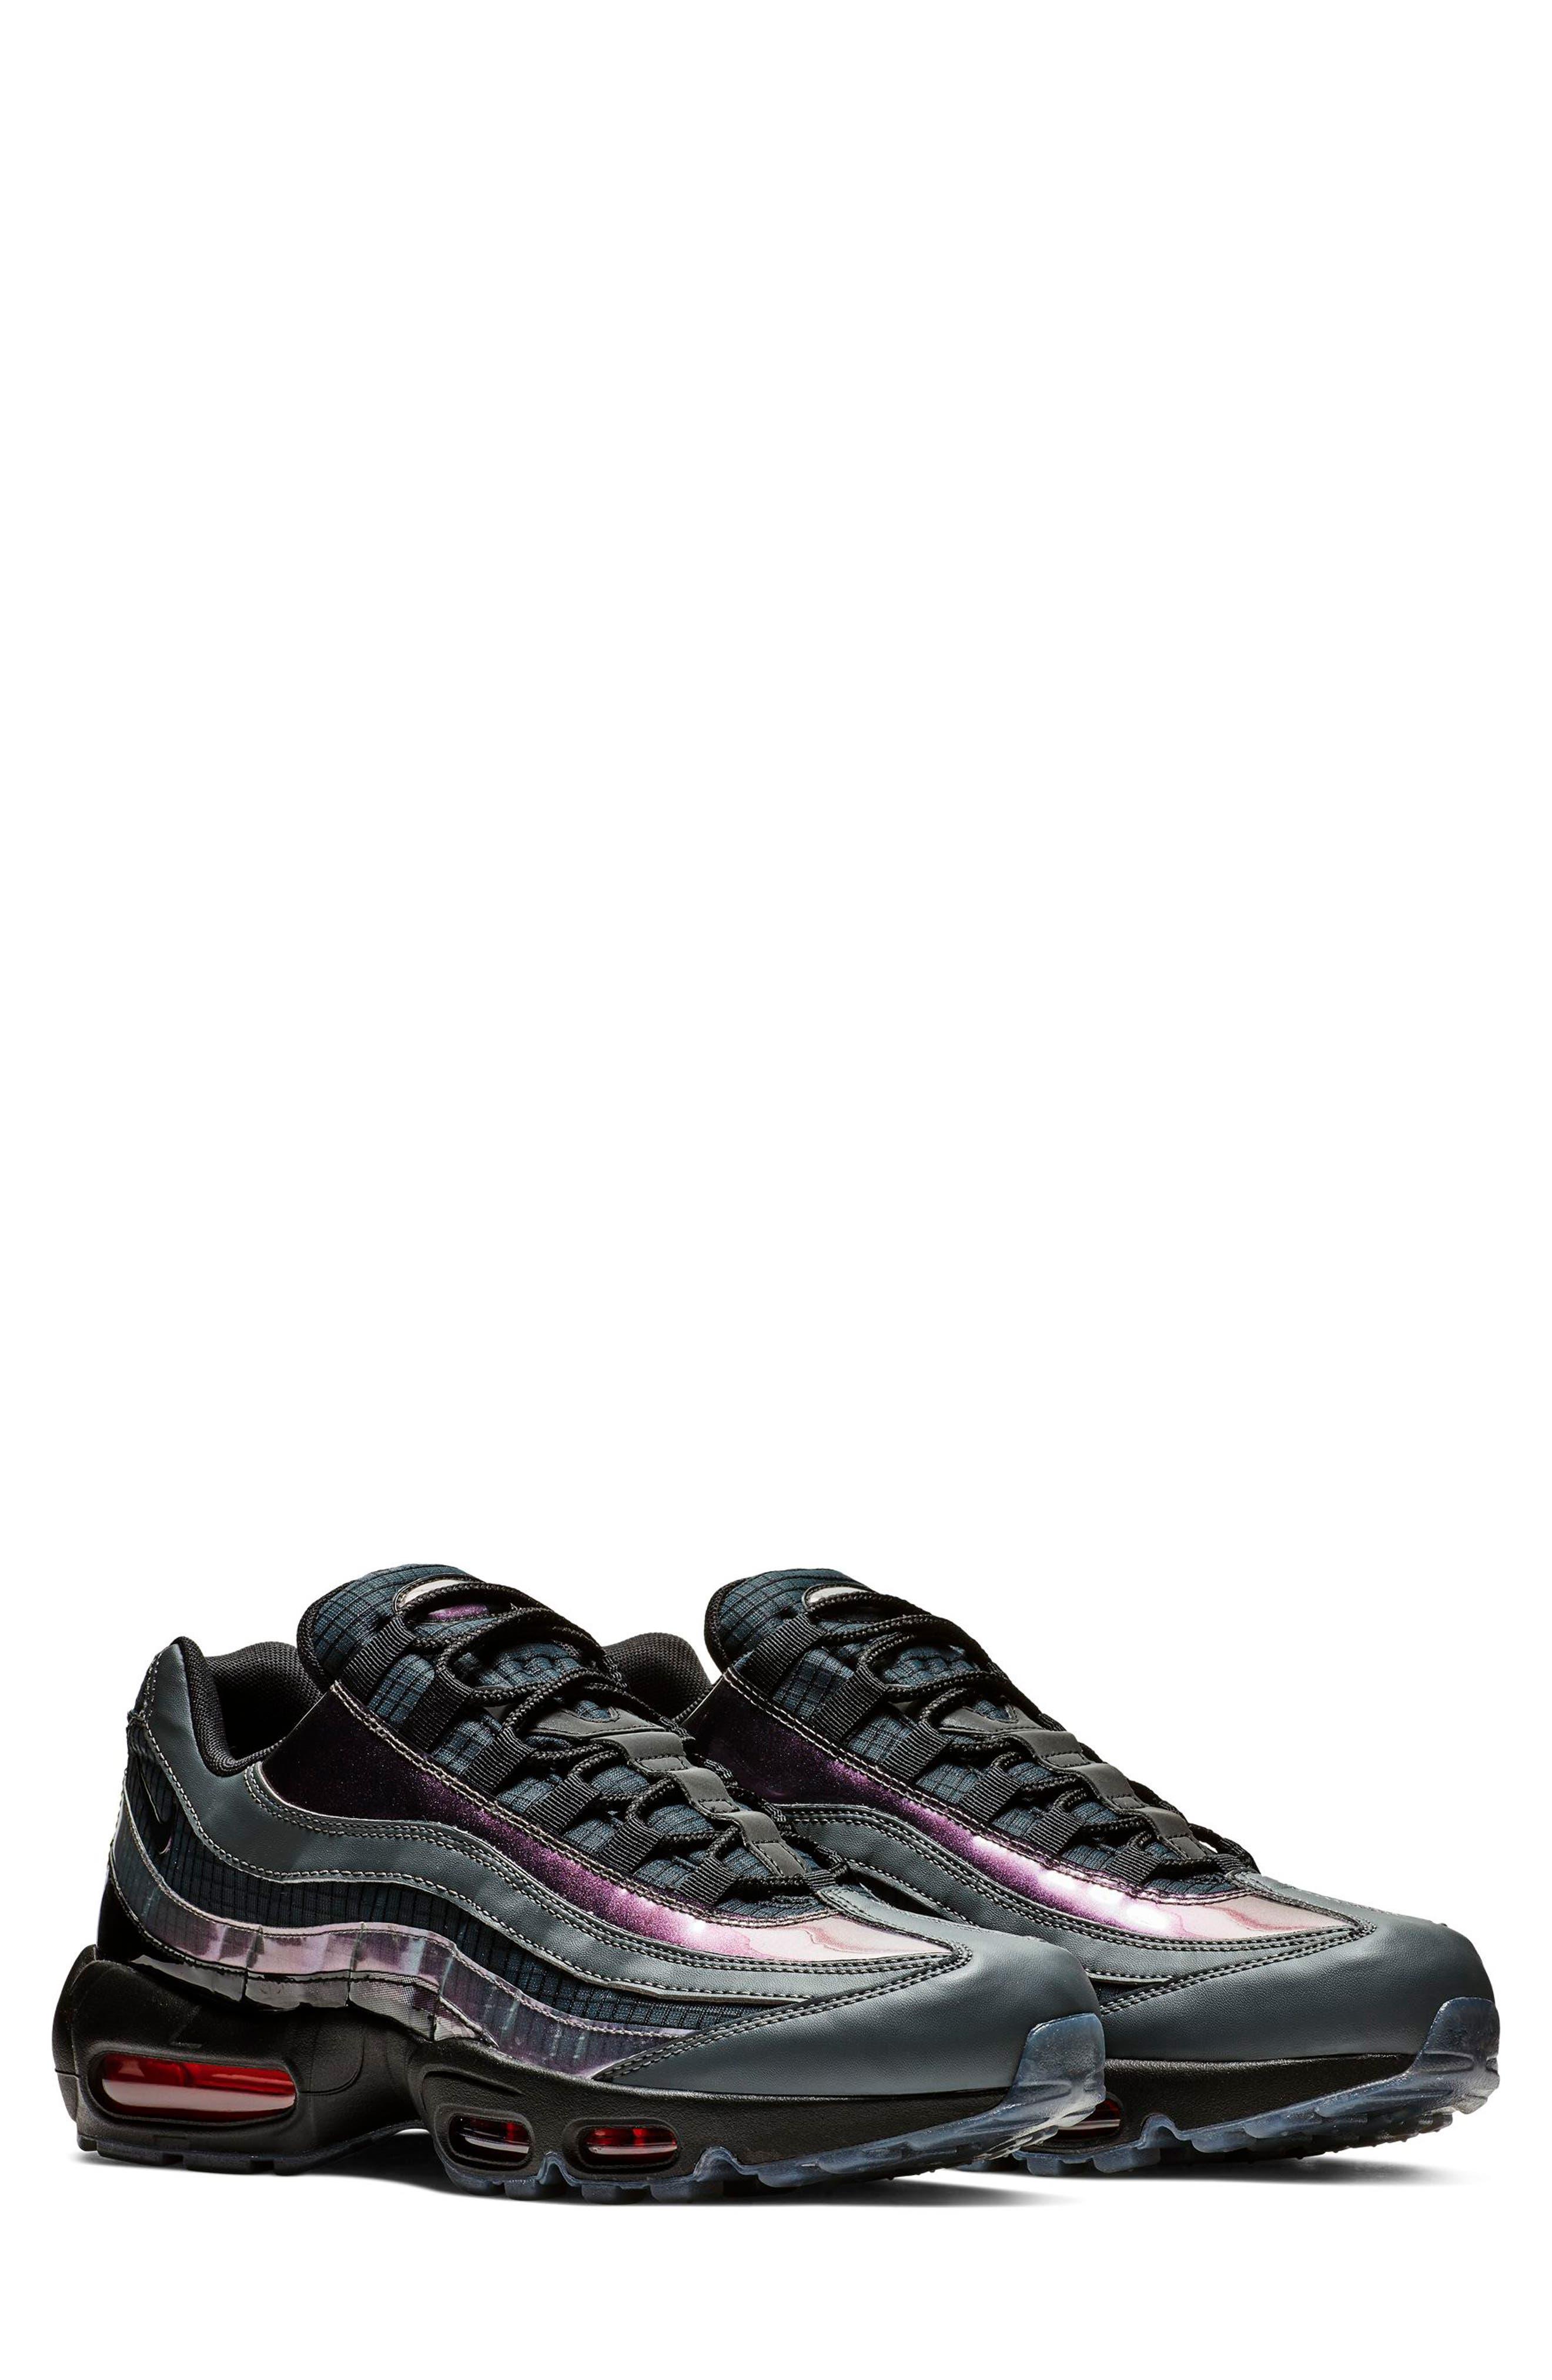 NIKE Air Max 95 LV8 Sneaker, Main, color, BLACK/ EMBER GLOW/ DARK GREY